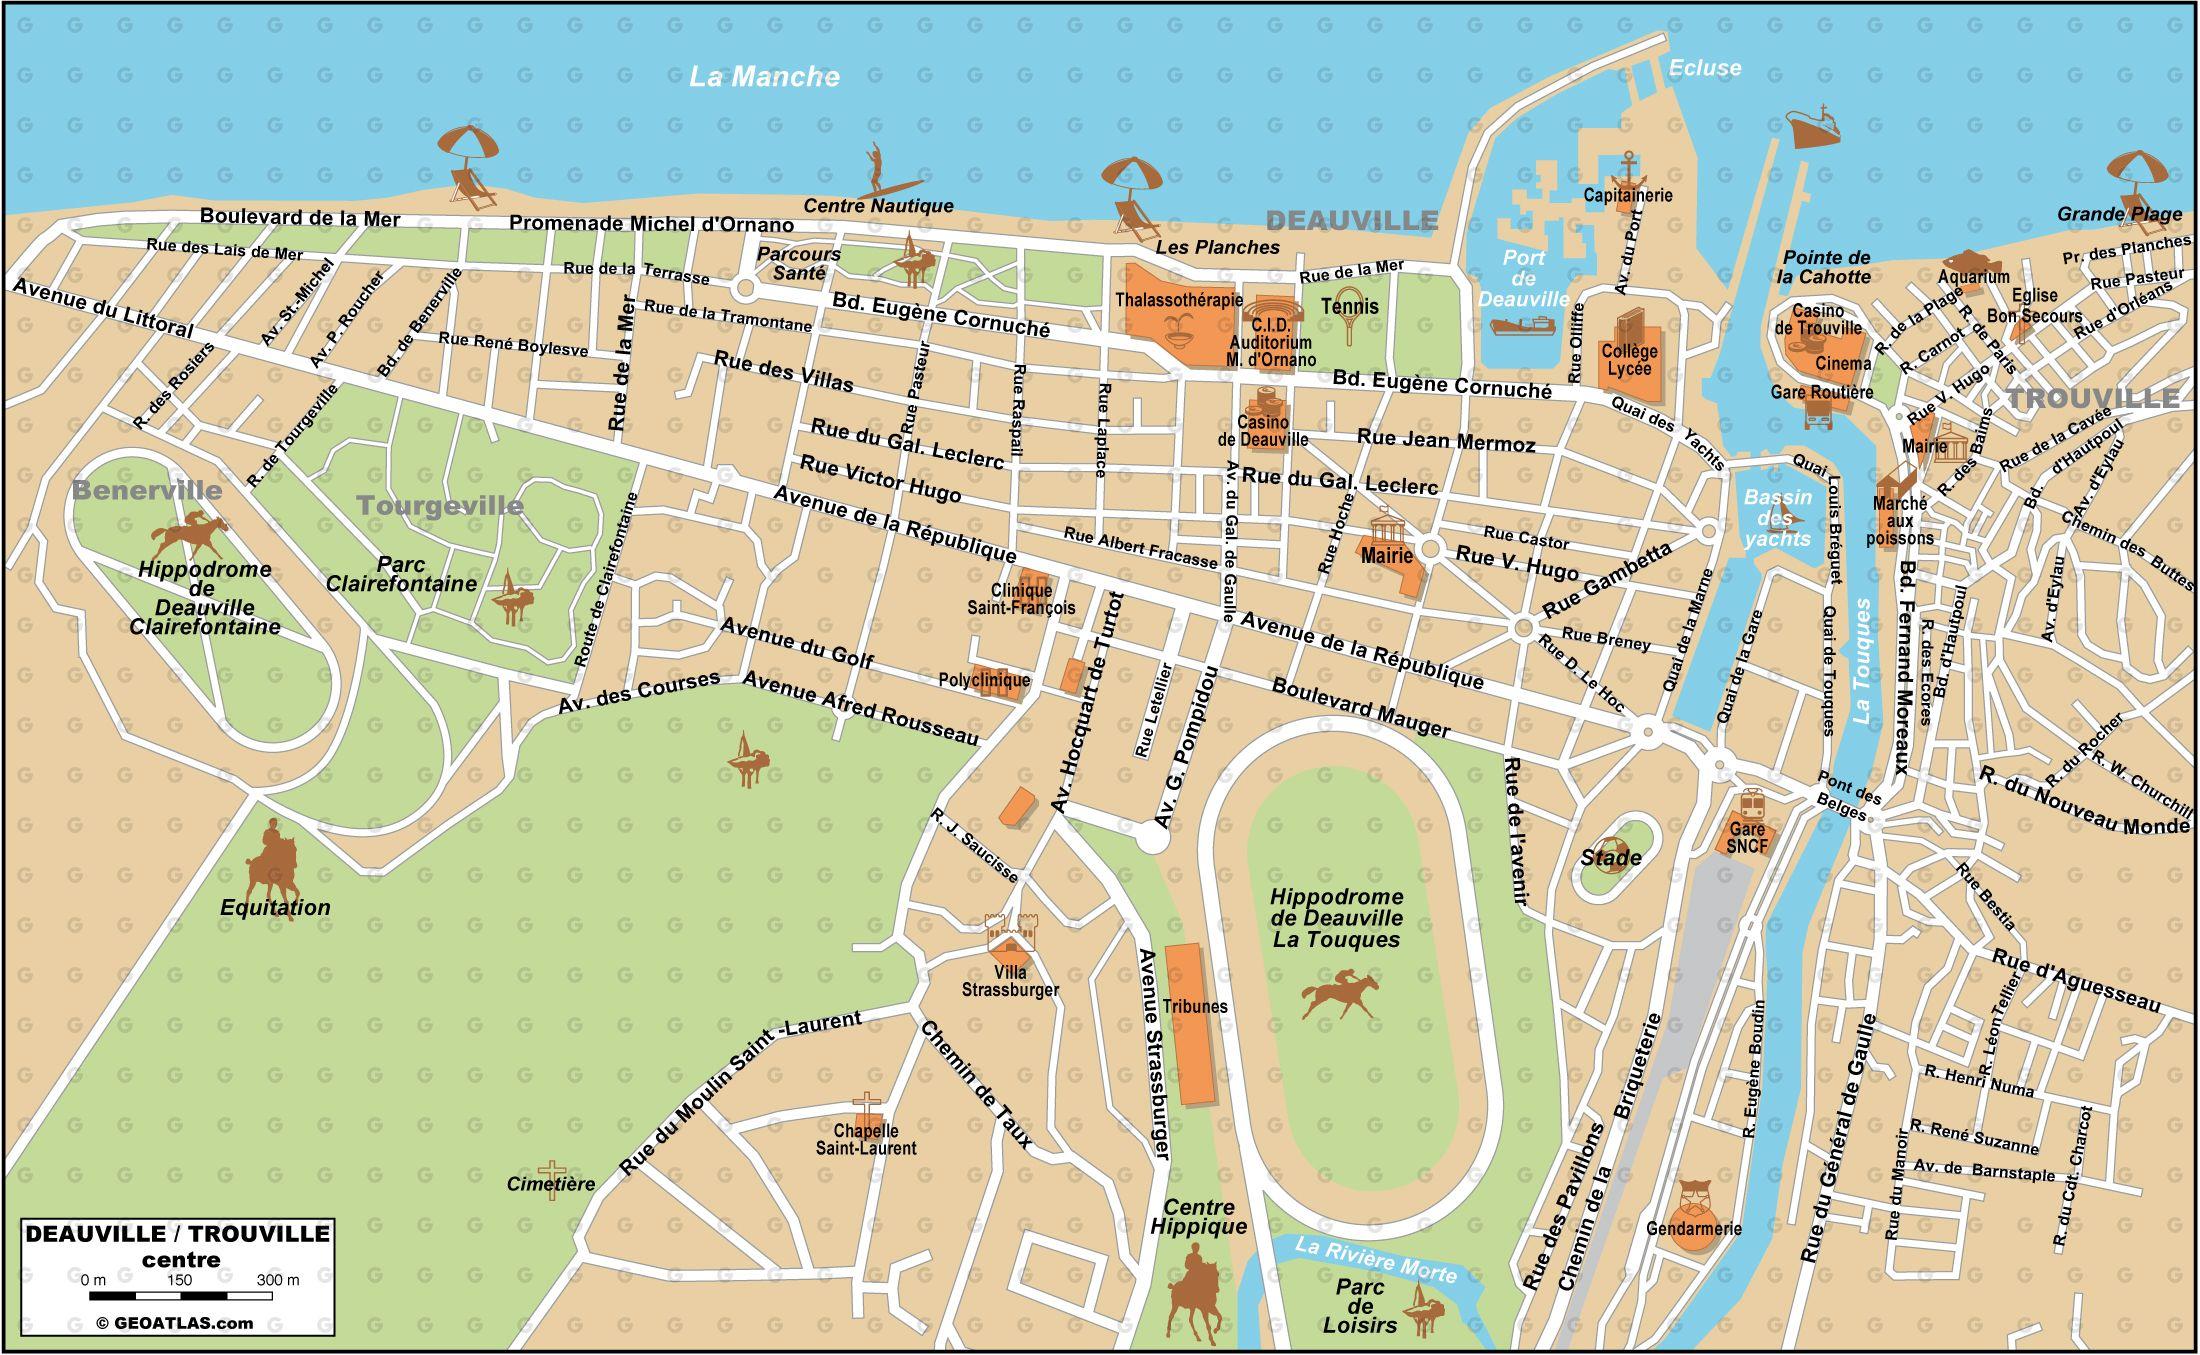 Plan de Deauville